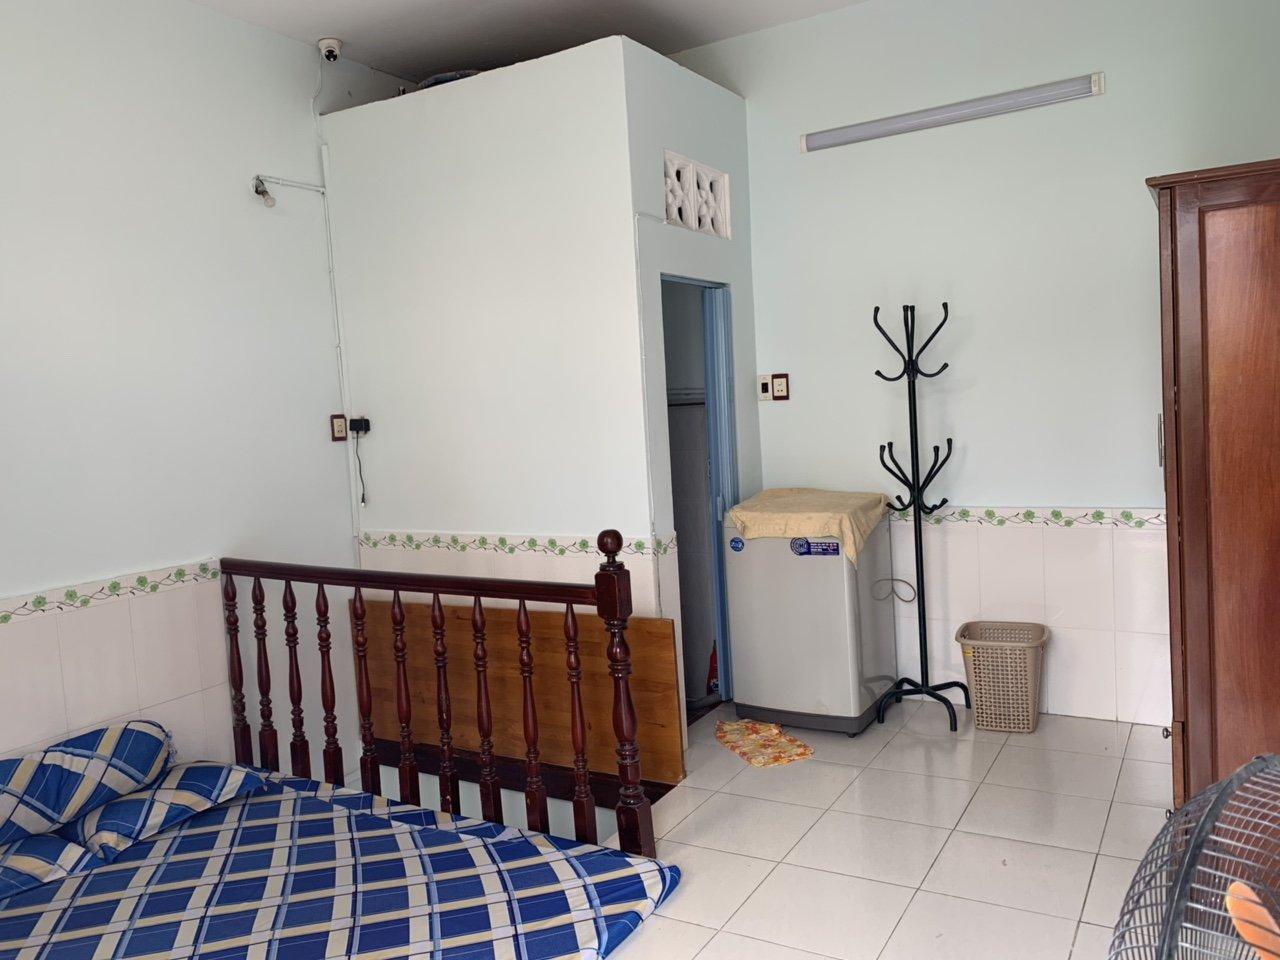 Bán nhà hẻm 26 Trần Quý Cáp phường 11 quận Bình Thạnh. DT 4x4,25m